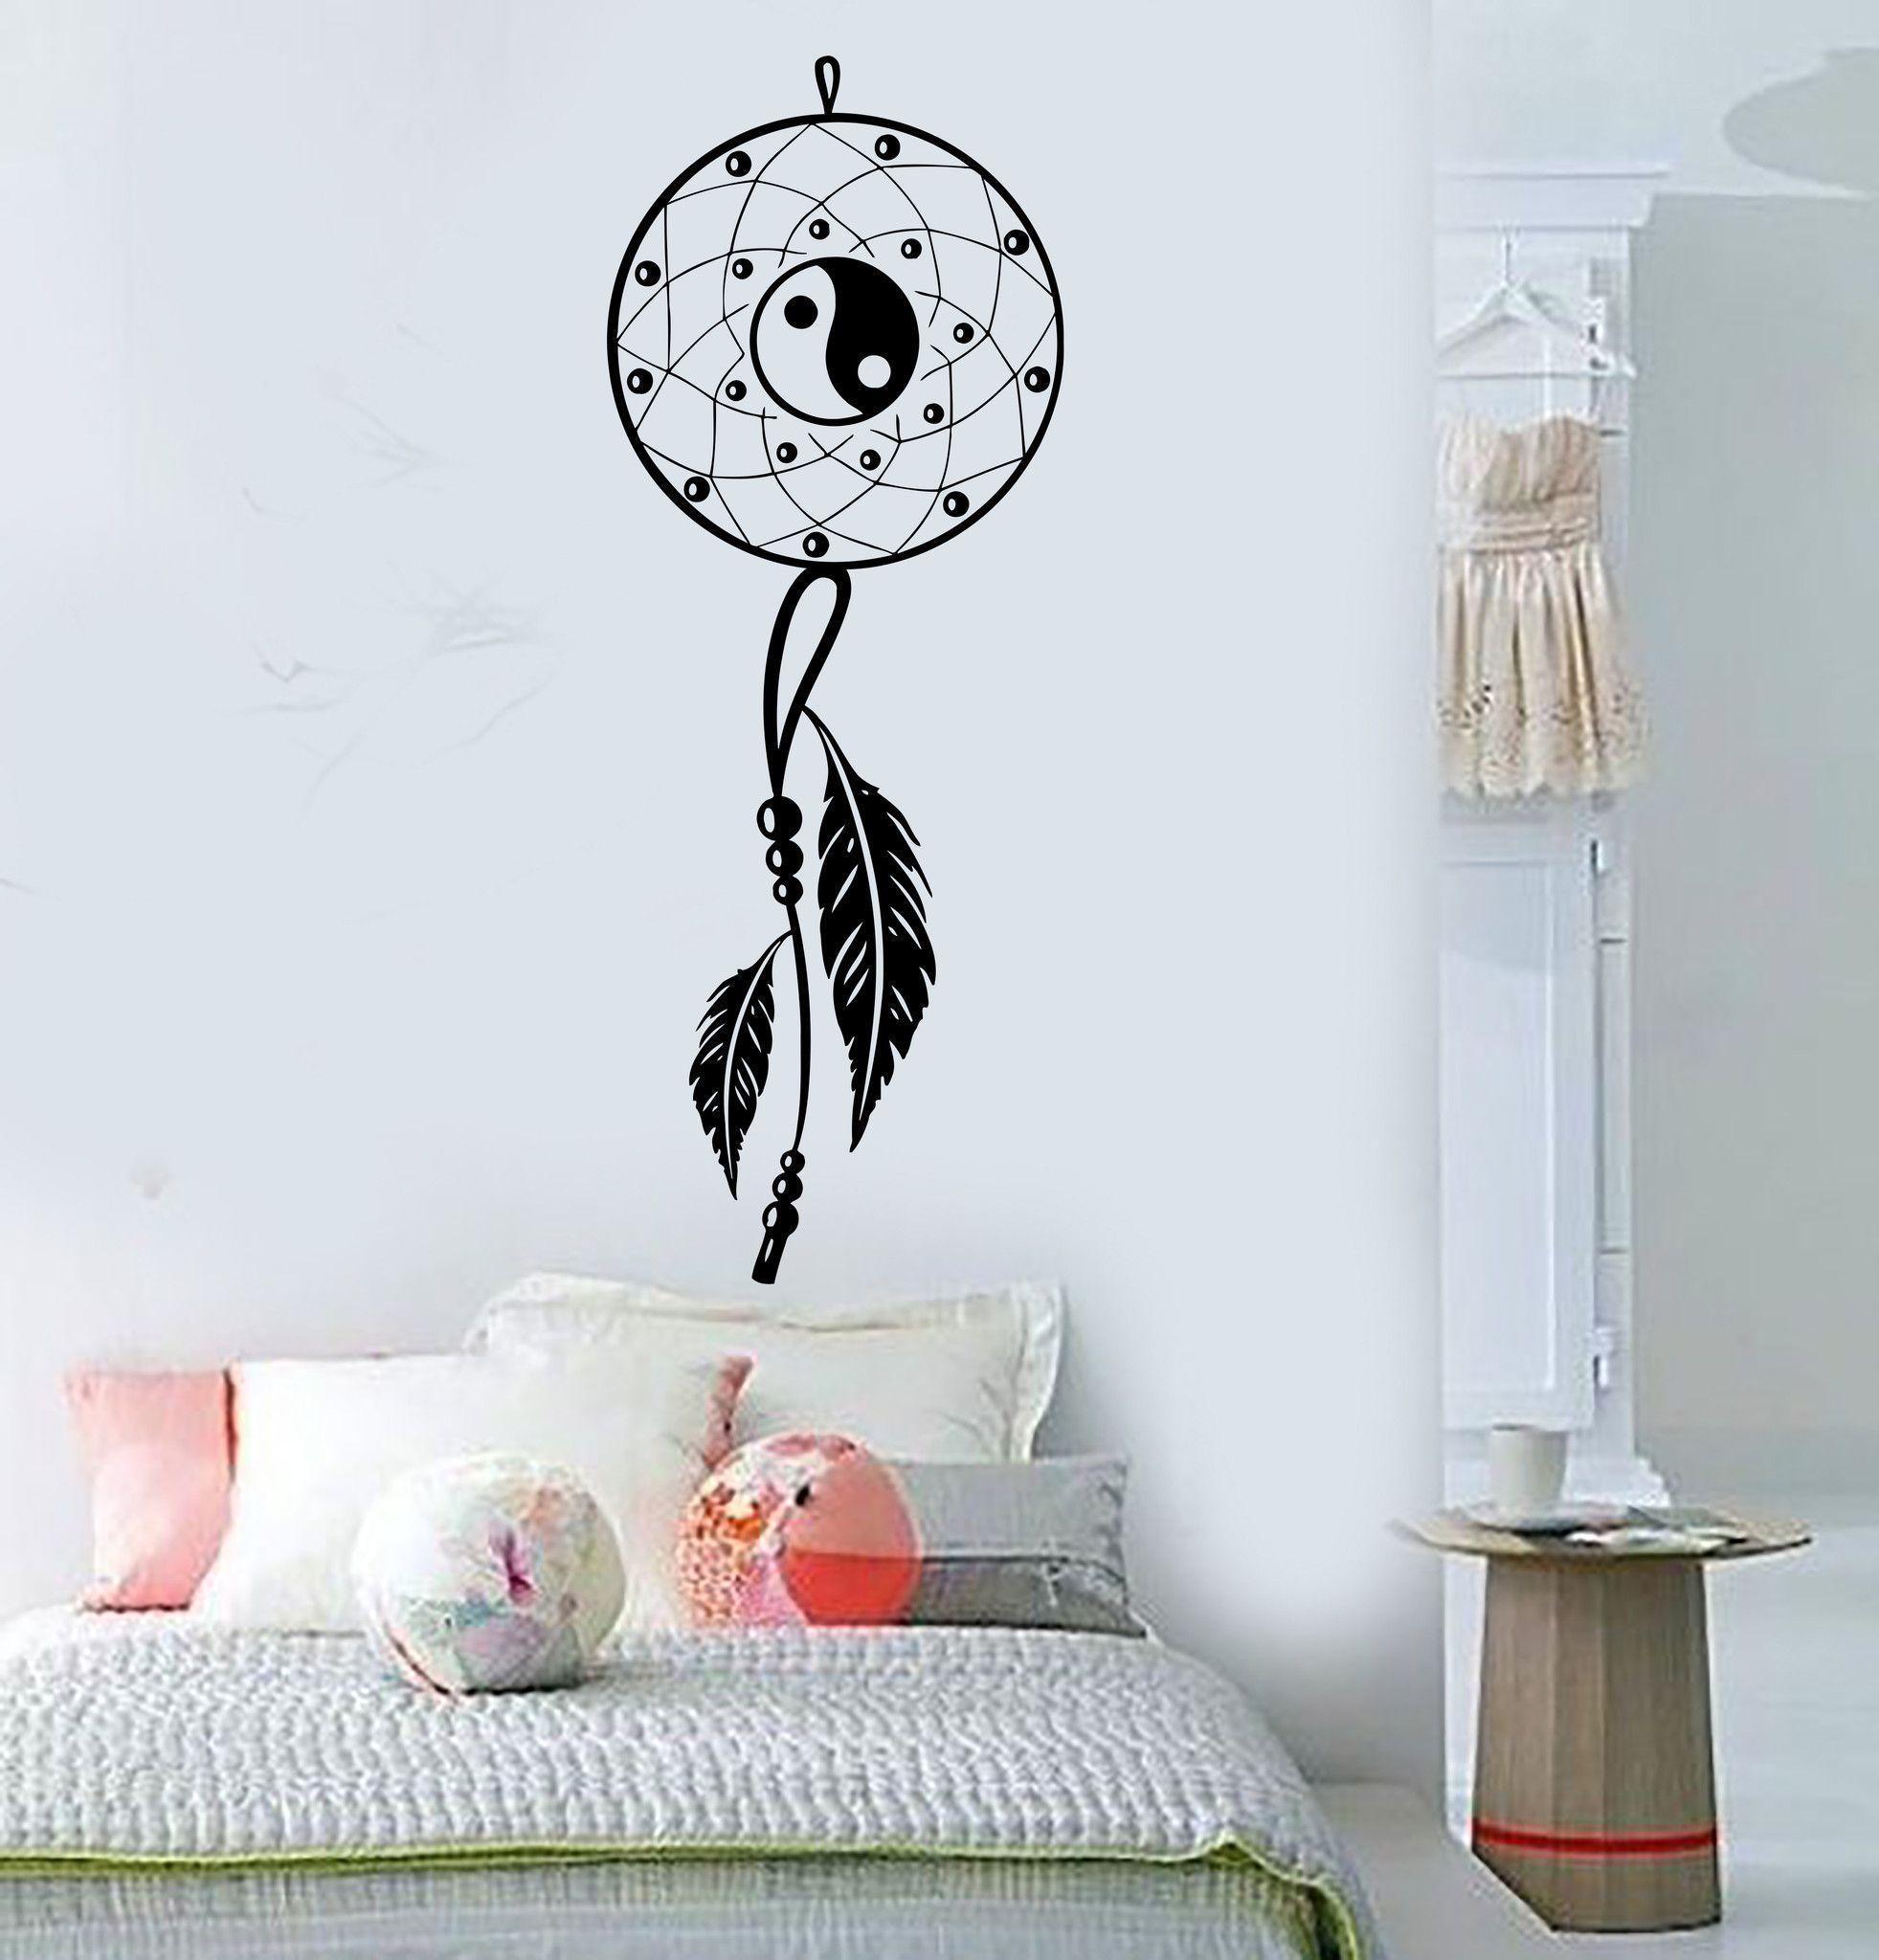 Vinyl wall decal dream catcher bedroom yin yang feathers stickers vinyl wall decal dream catcher bedroom yin yang feathers stickers 400ig amipublicfo Gallery